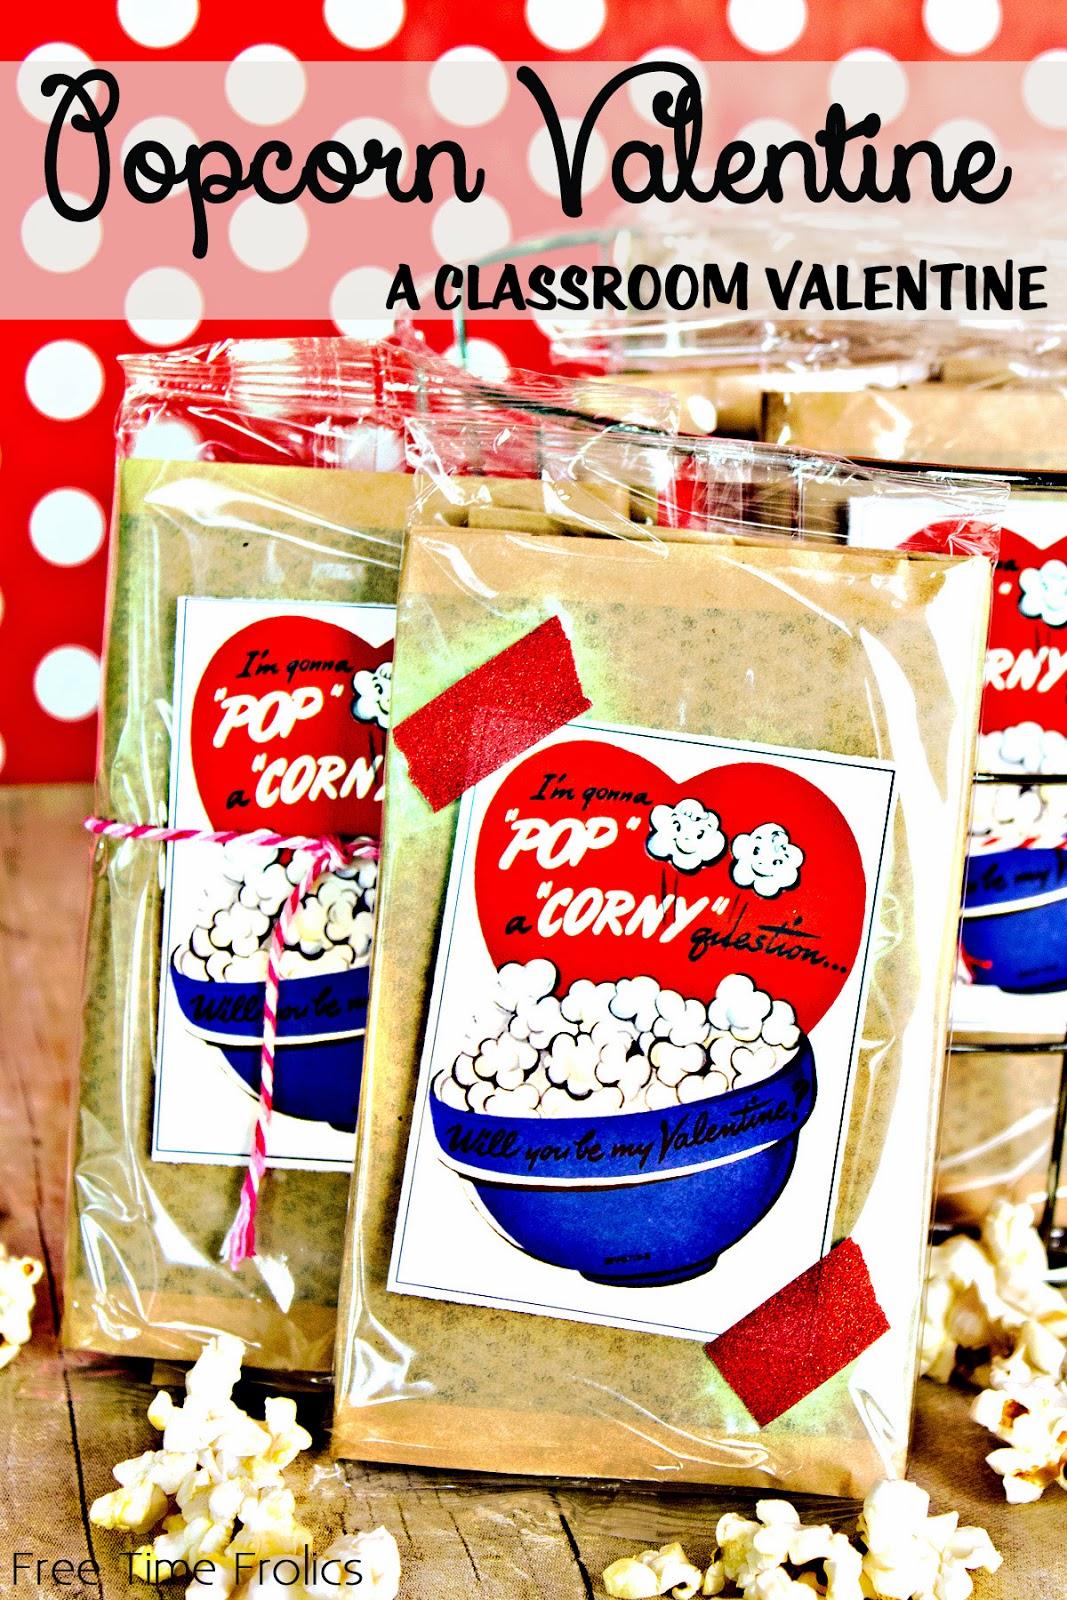 popcorn valentine.jpeg